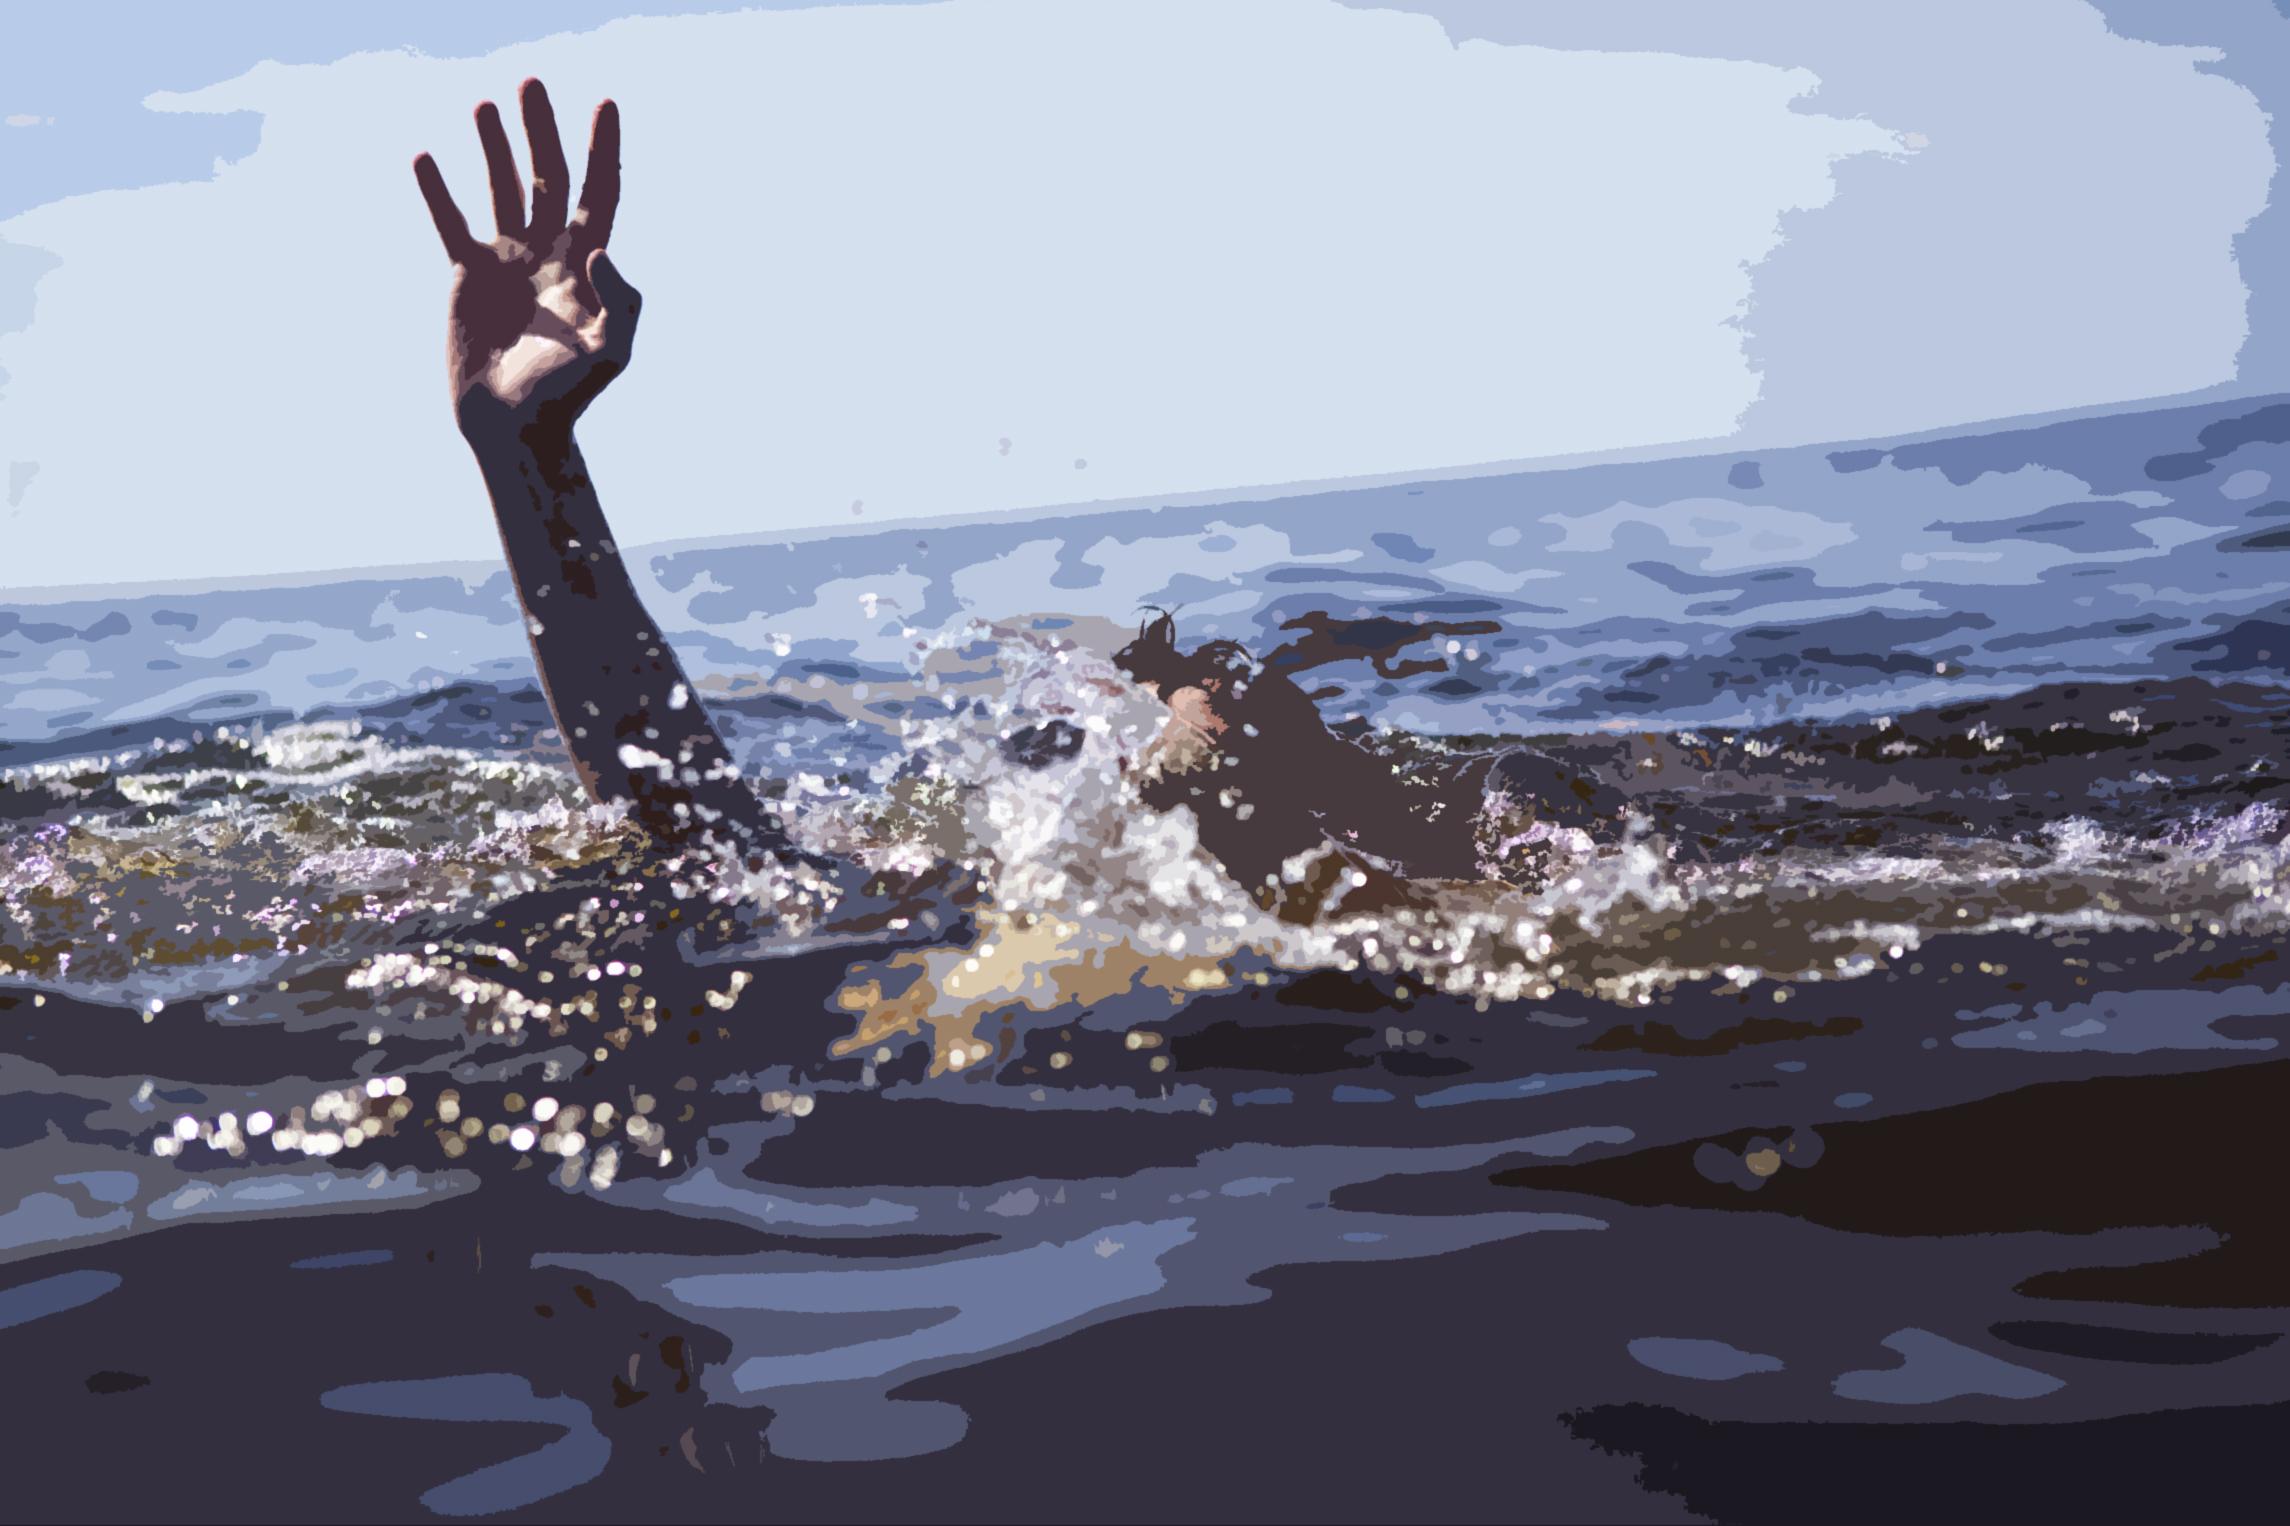 сначала в море ушло 9 рыбачьих лодок а потом еще 4 лодки